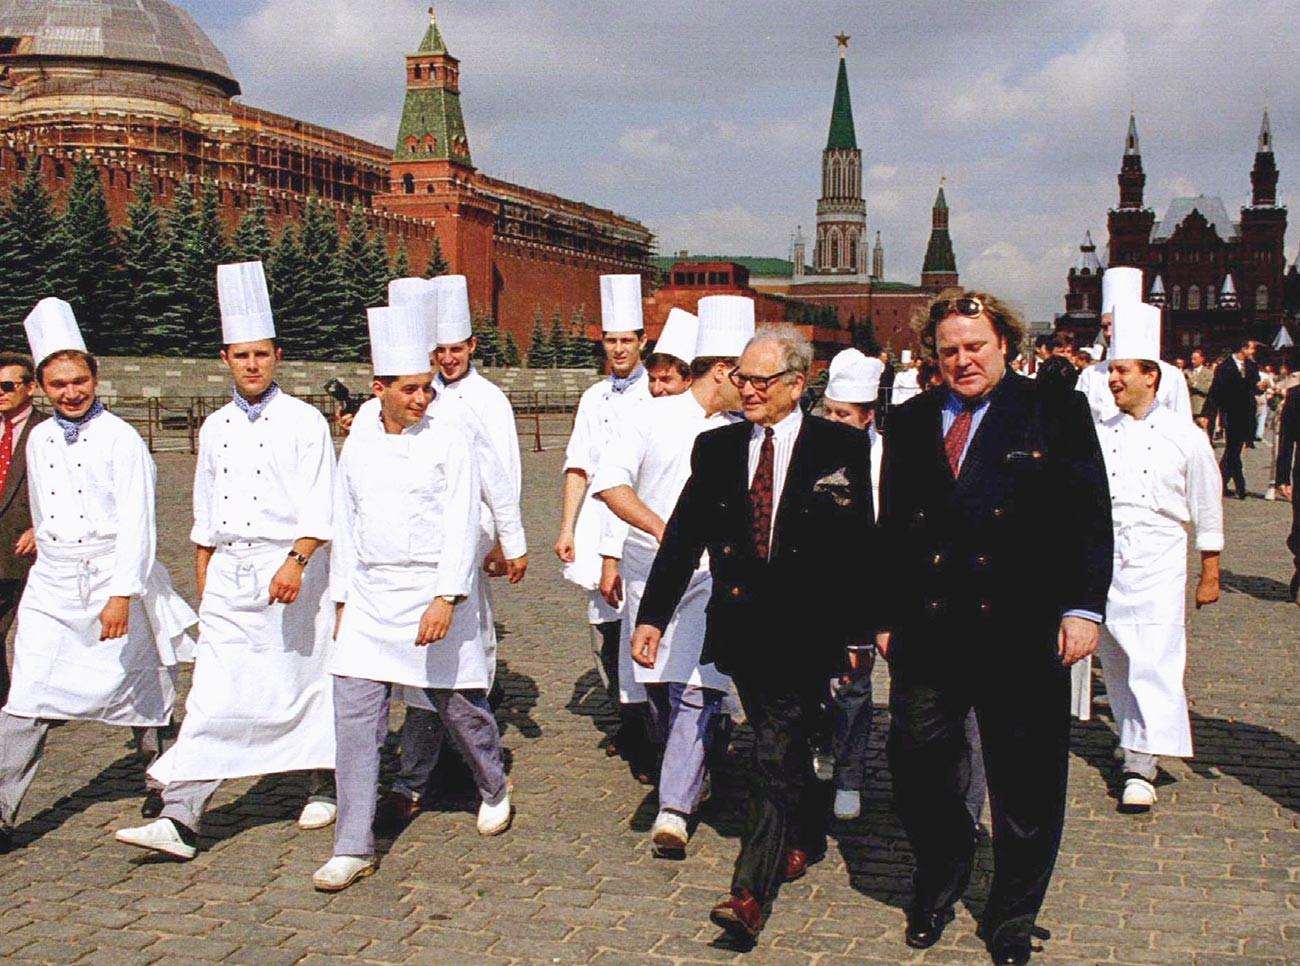 Пьер Карден и сотрудники только что открытого им ресторана Maxim's